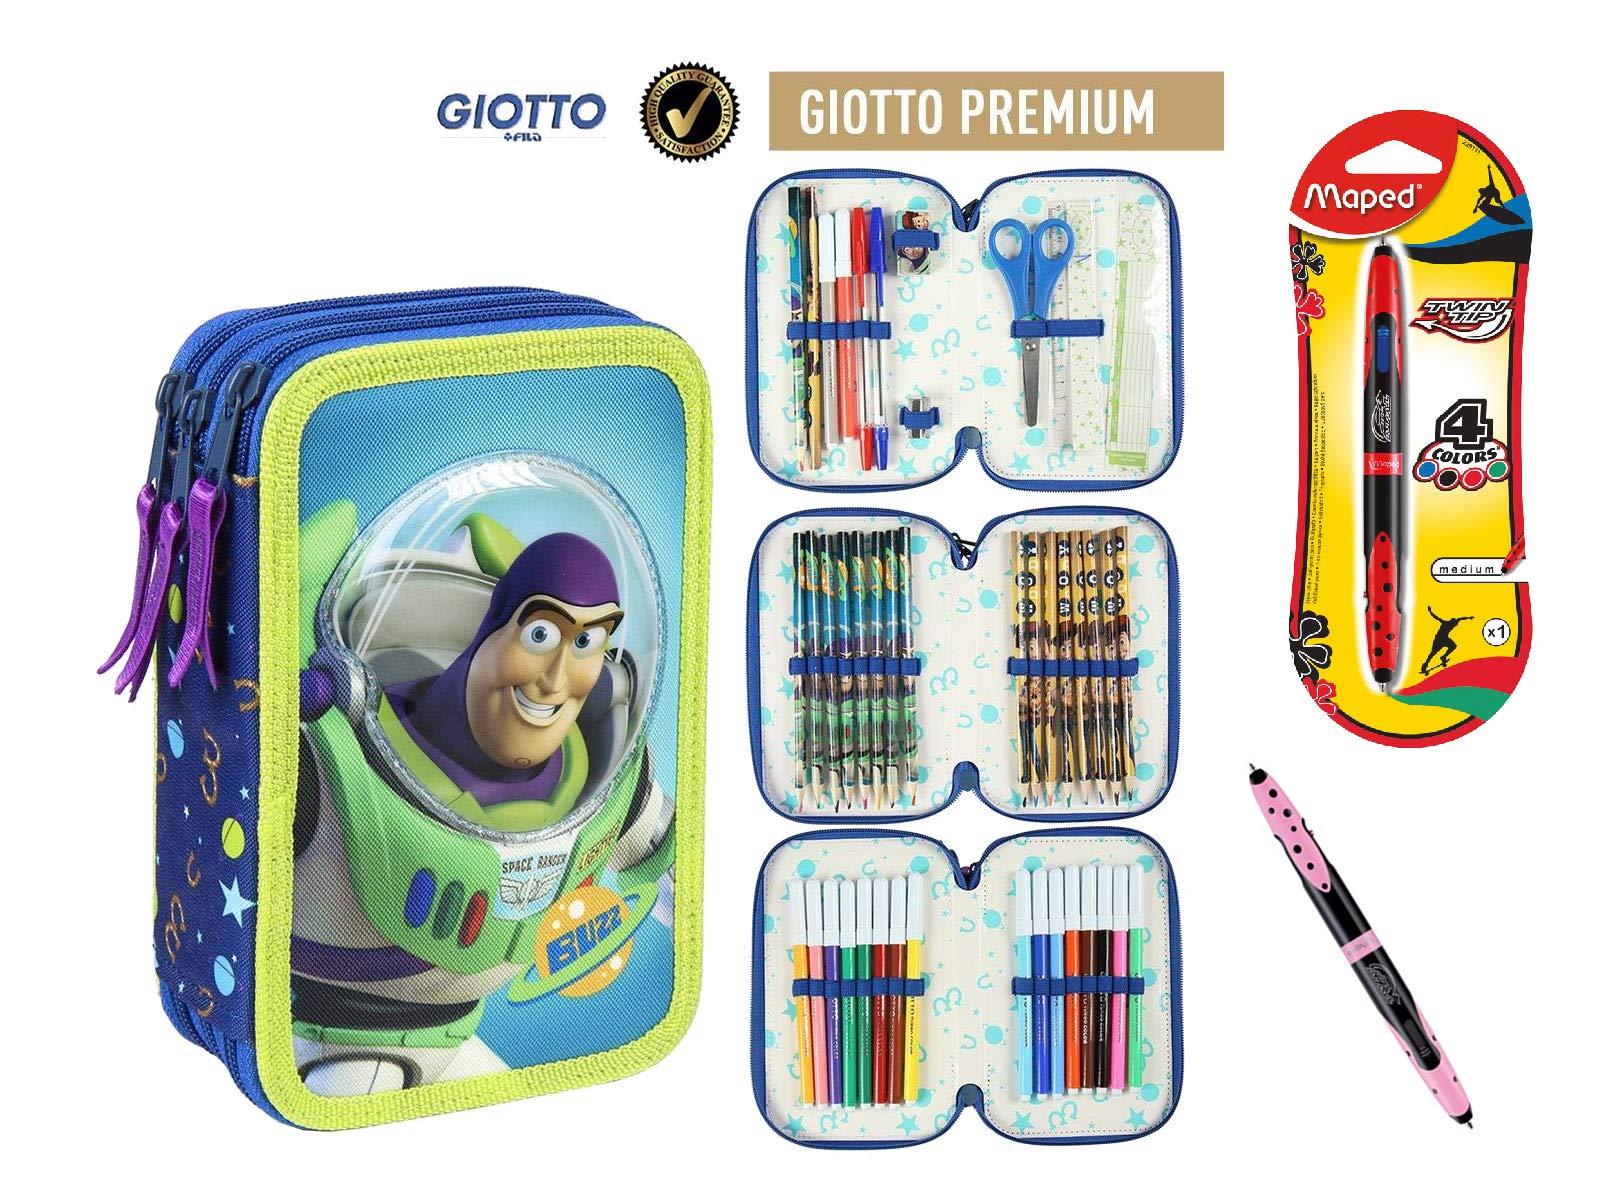 Cerdà Plumier Estuche Artesanía Premium de Cremallera Triple 3 Pisos Toy Story – Buzz – 43 Piezas Contenido Giotto + Regalo